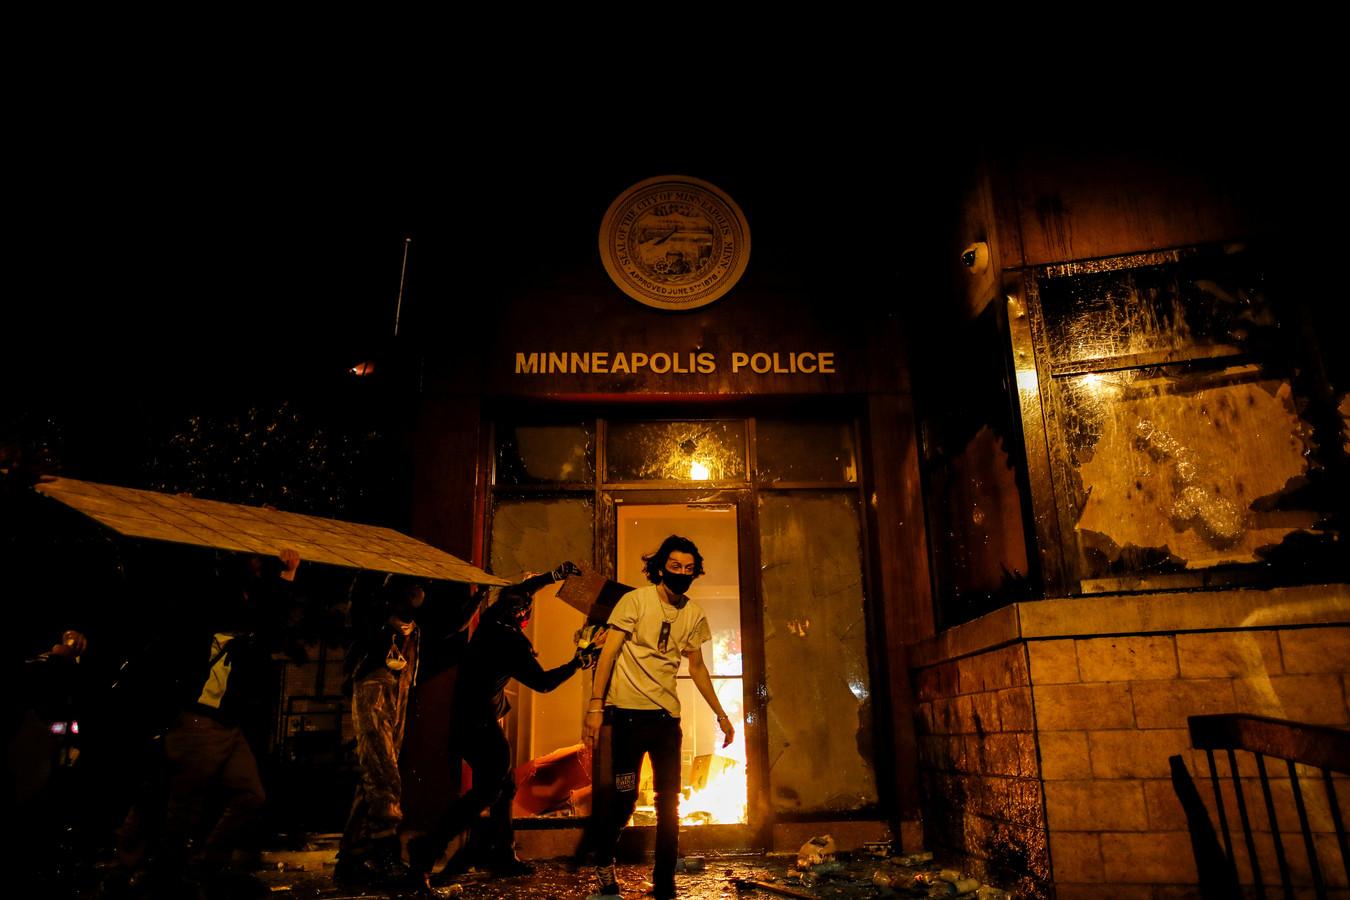 Betogers stichtten brand in een politiebureau in Minneapolis.